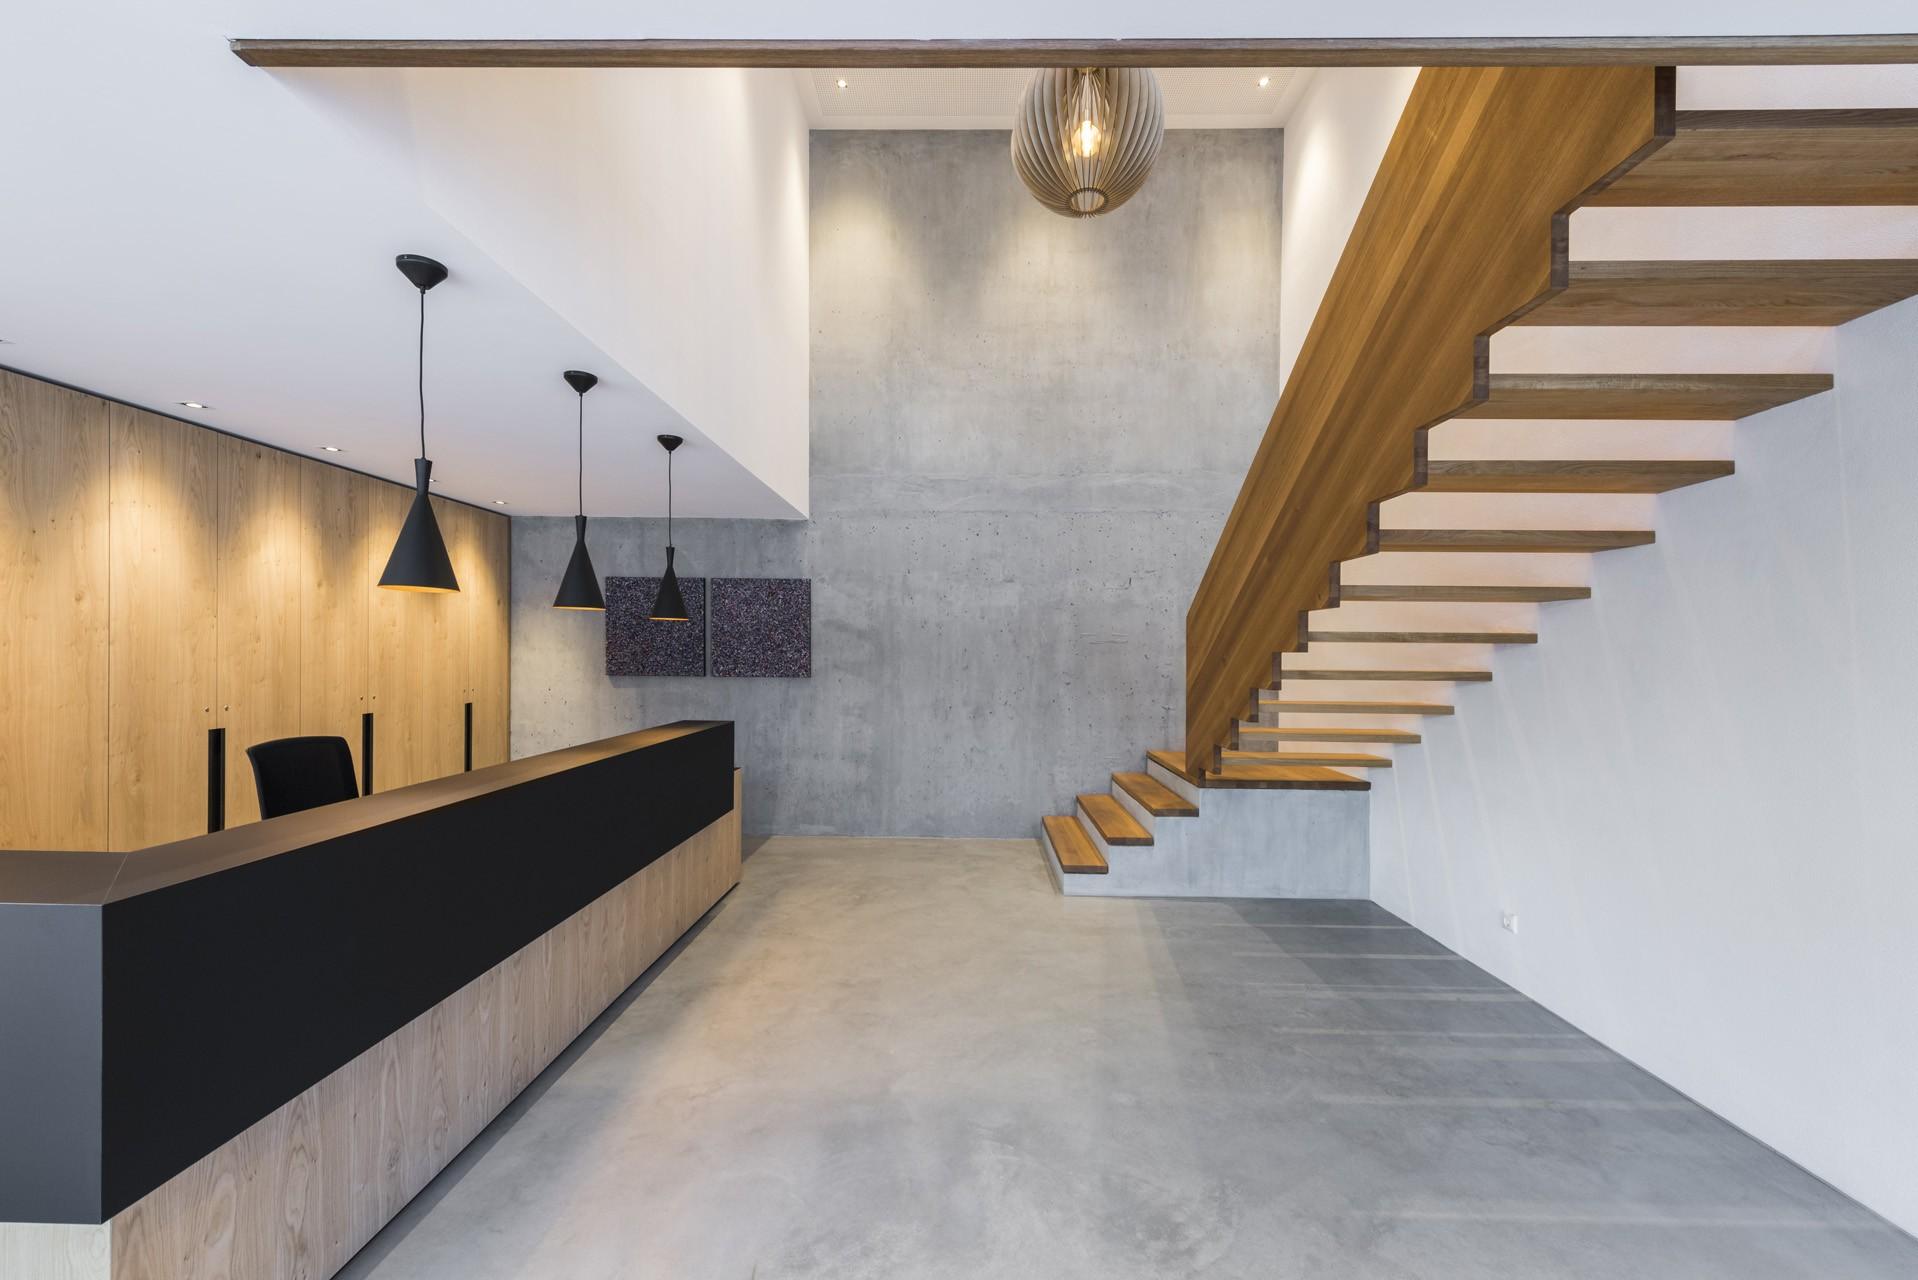 architektur-raum-Stuhr Schaltanlagenbau-5